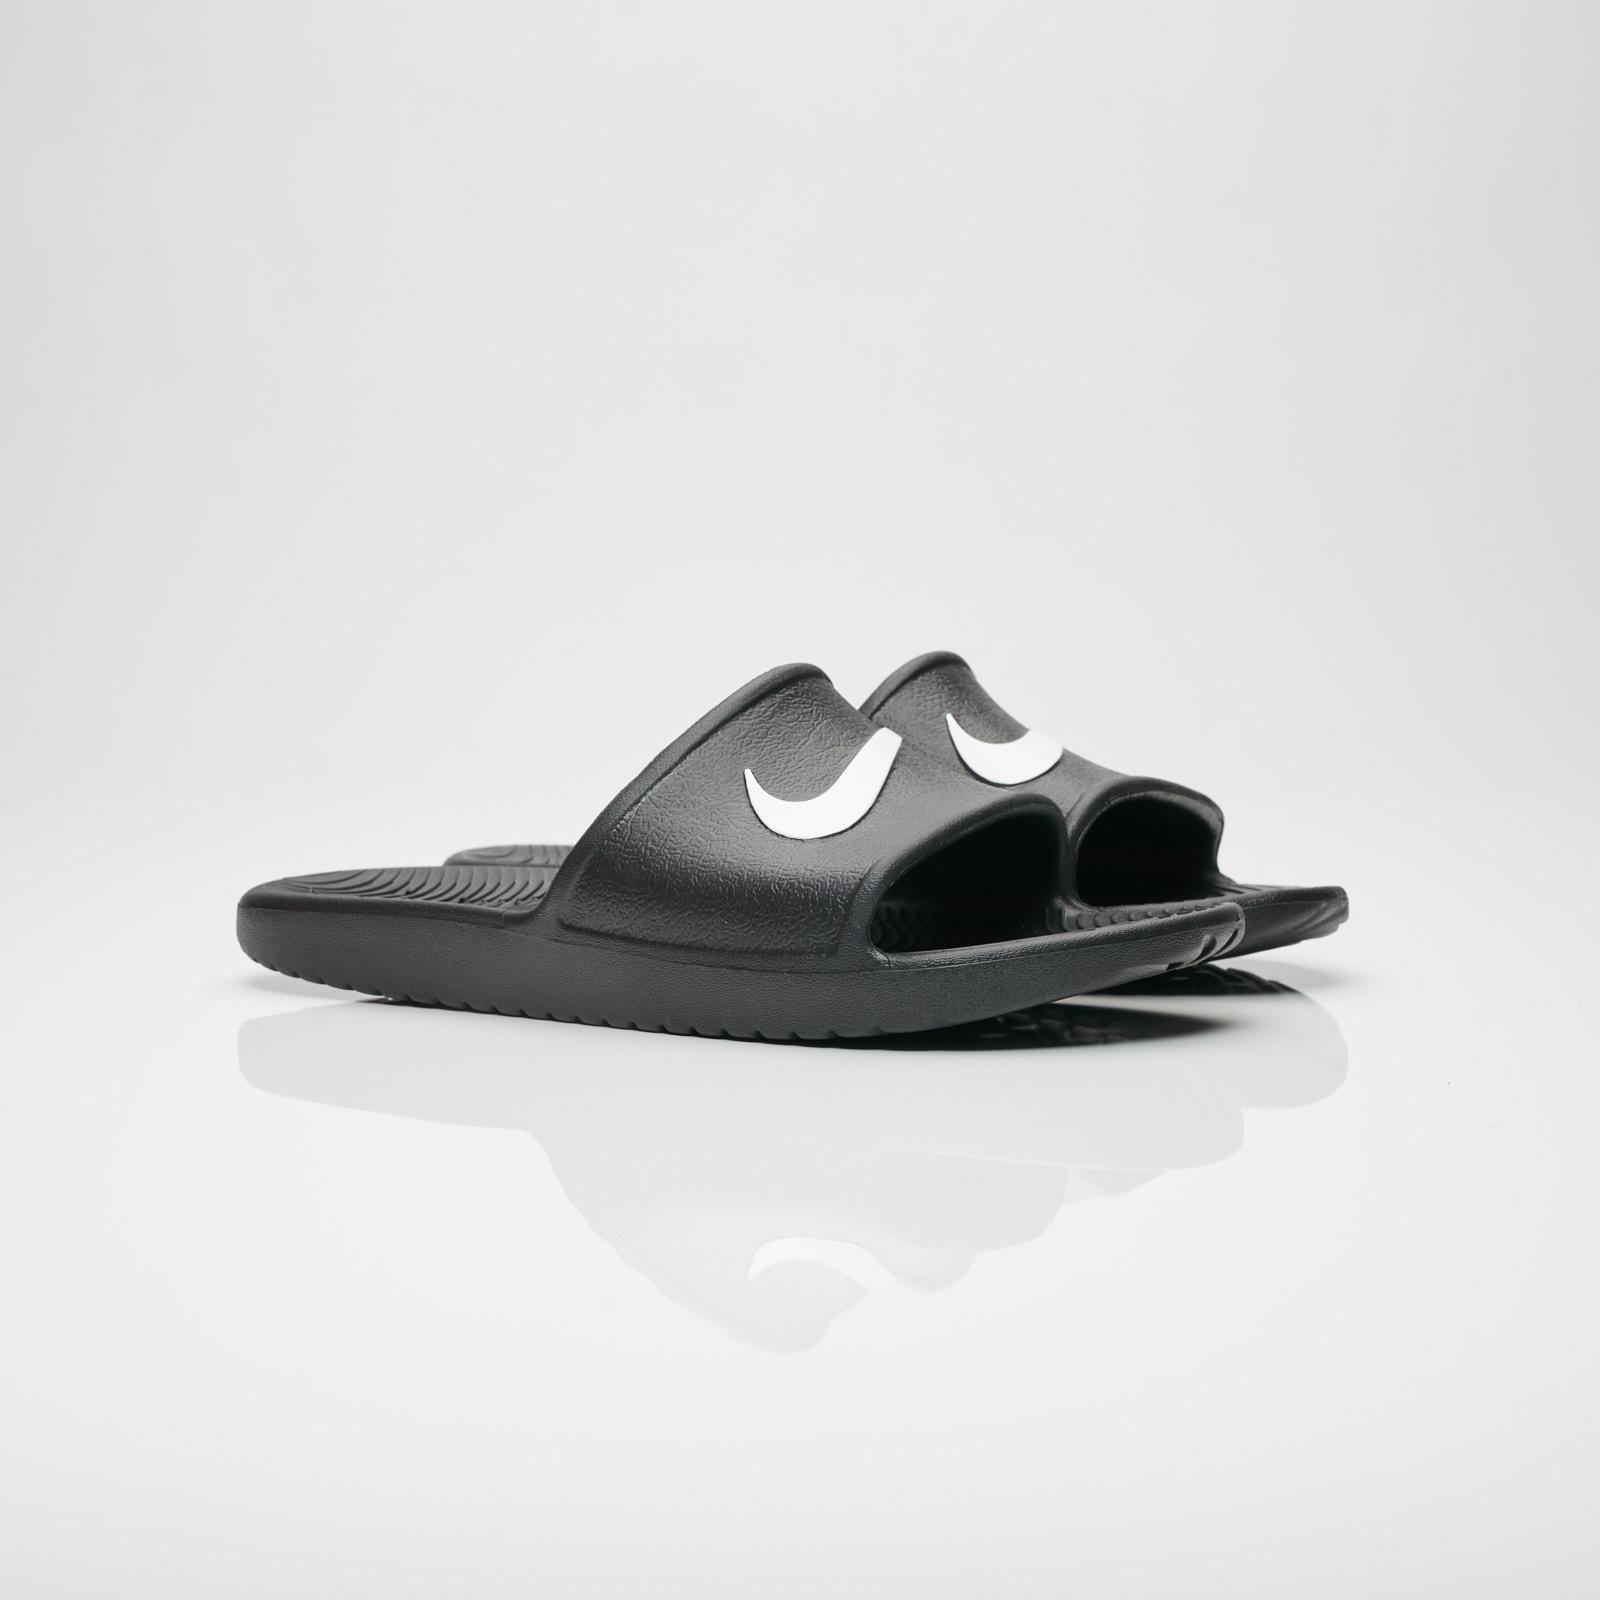 9810cb234d51c Nike Kawa Shower - 832528-001 - Sneakersnstuff